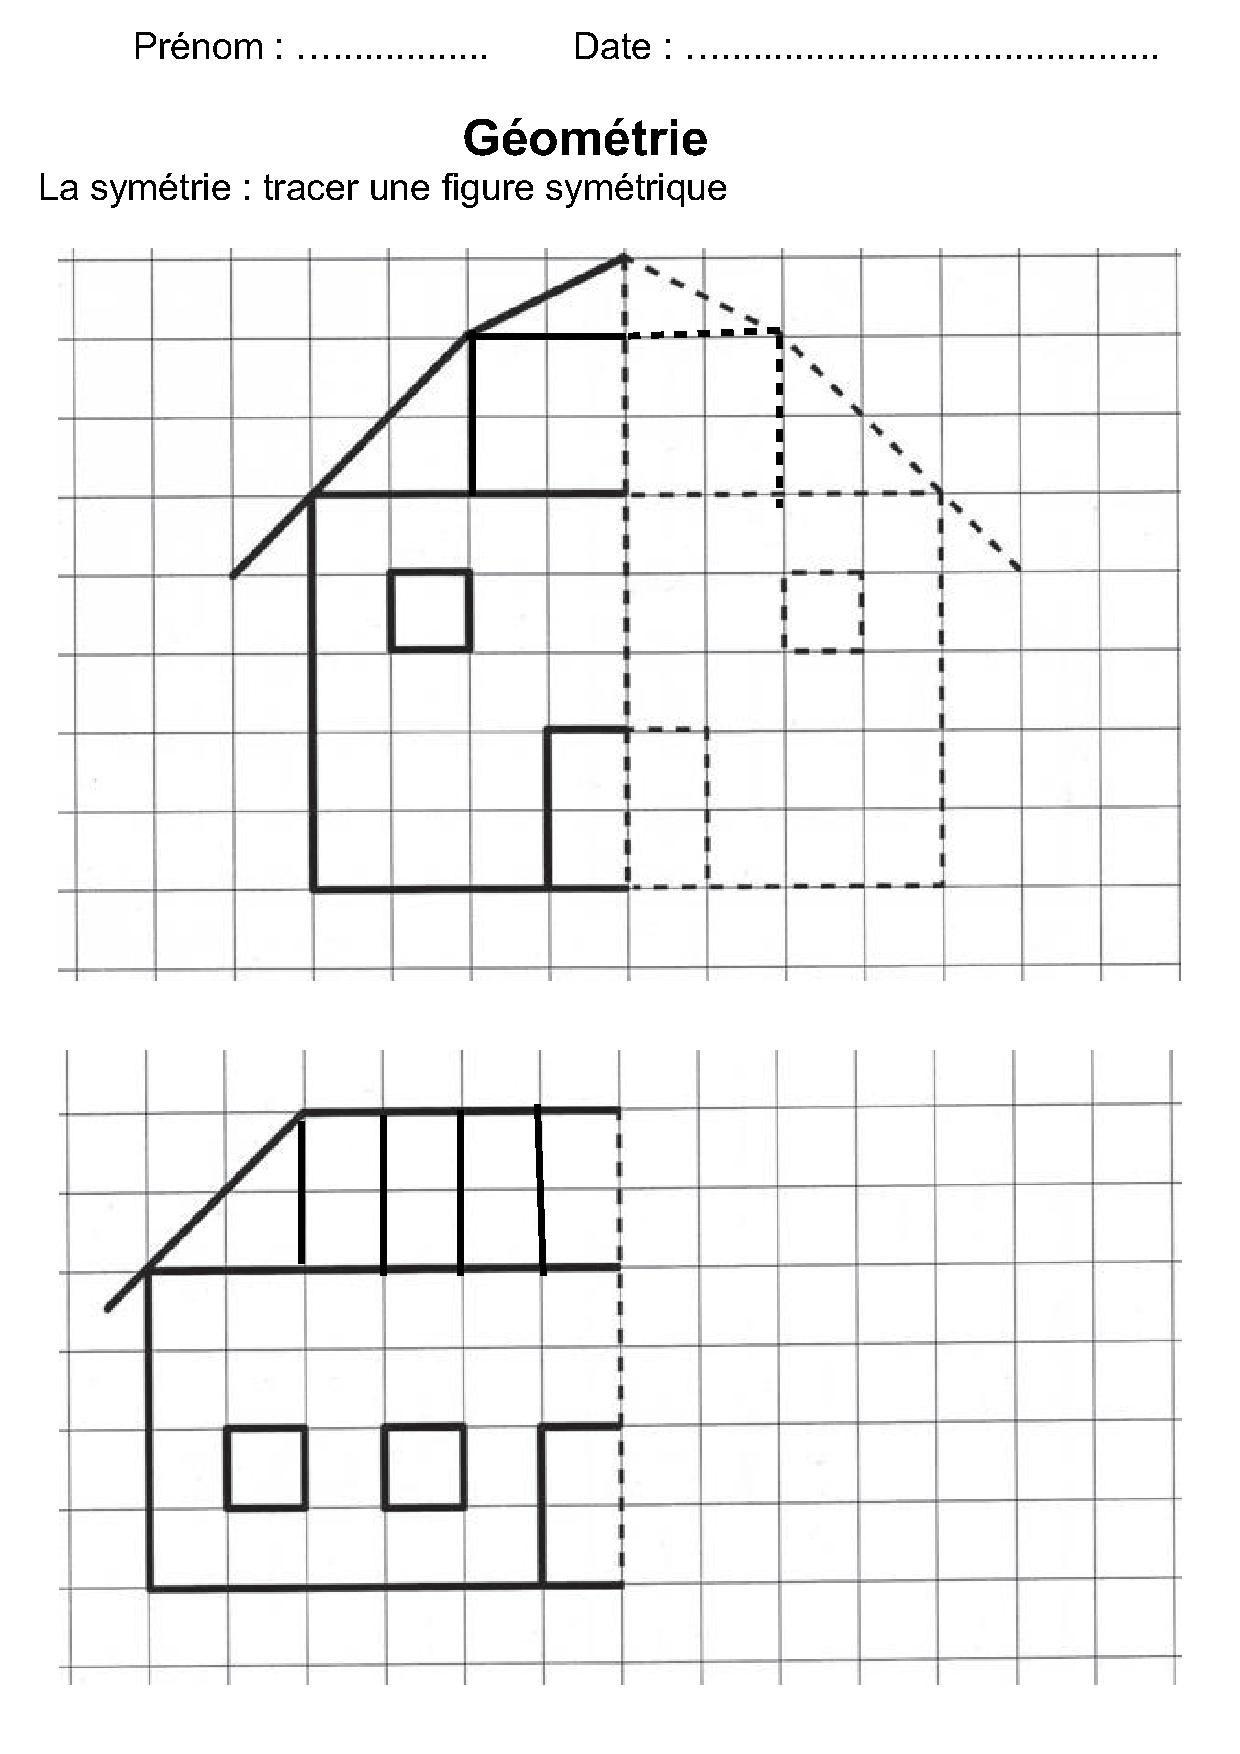 Géométrie Ce1,ce2,la Symétrie,reproduire Une Figure dedans Reproduire Un Dessin Sur Quadrillage